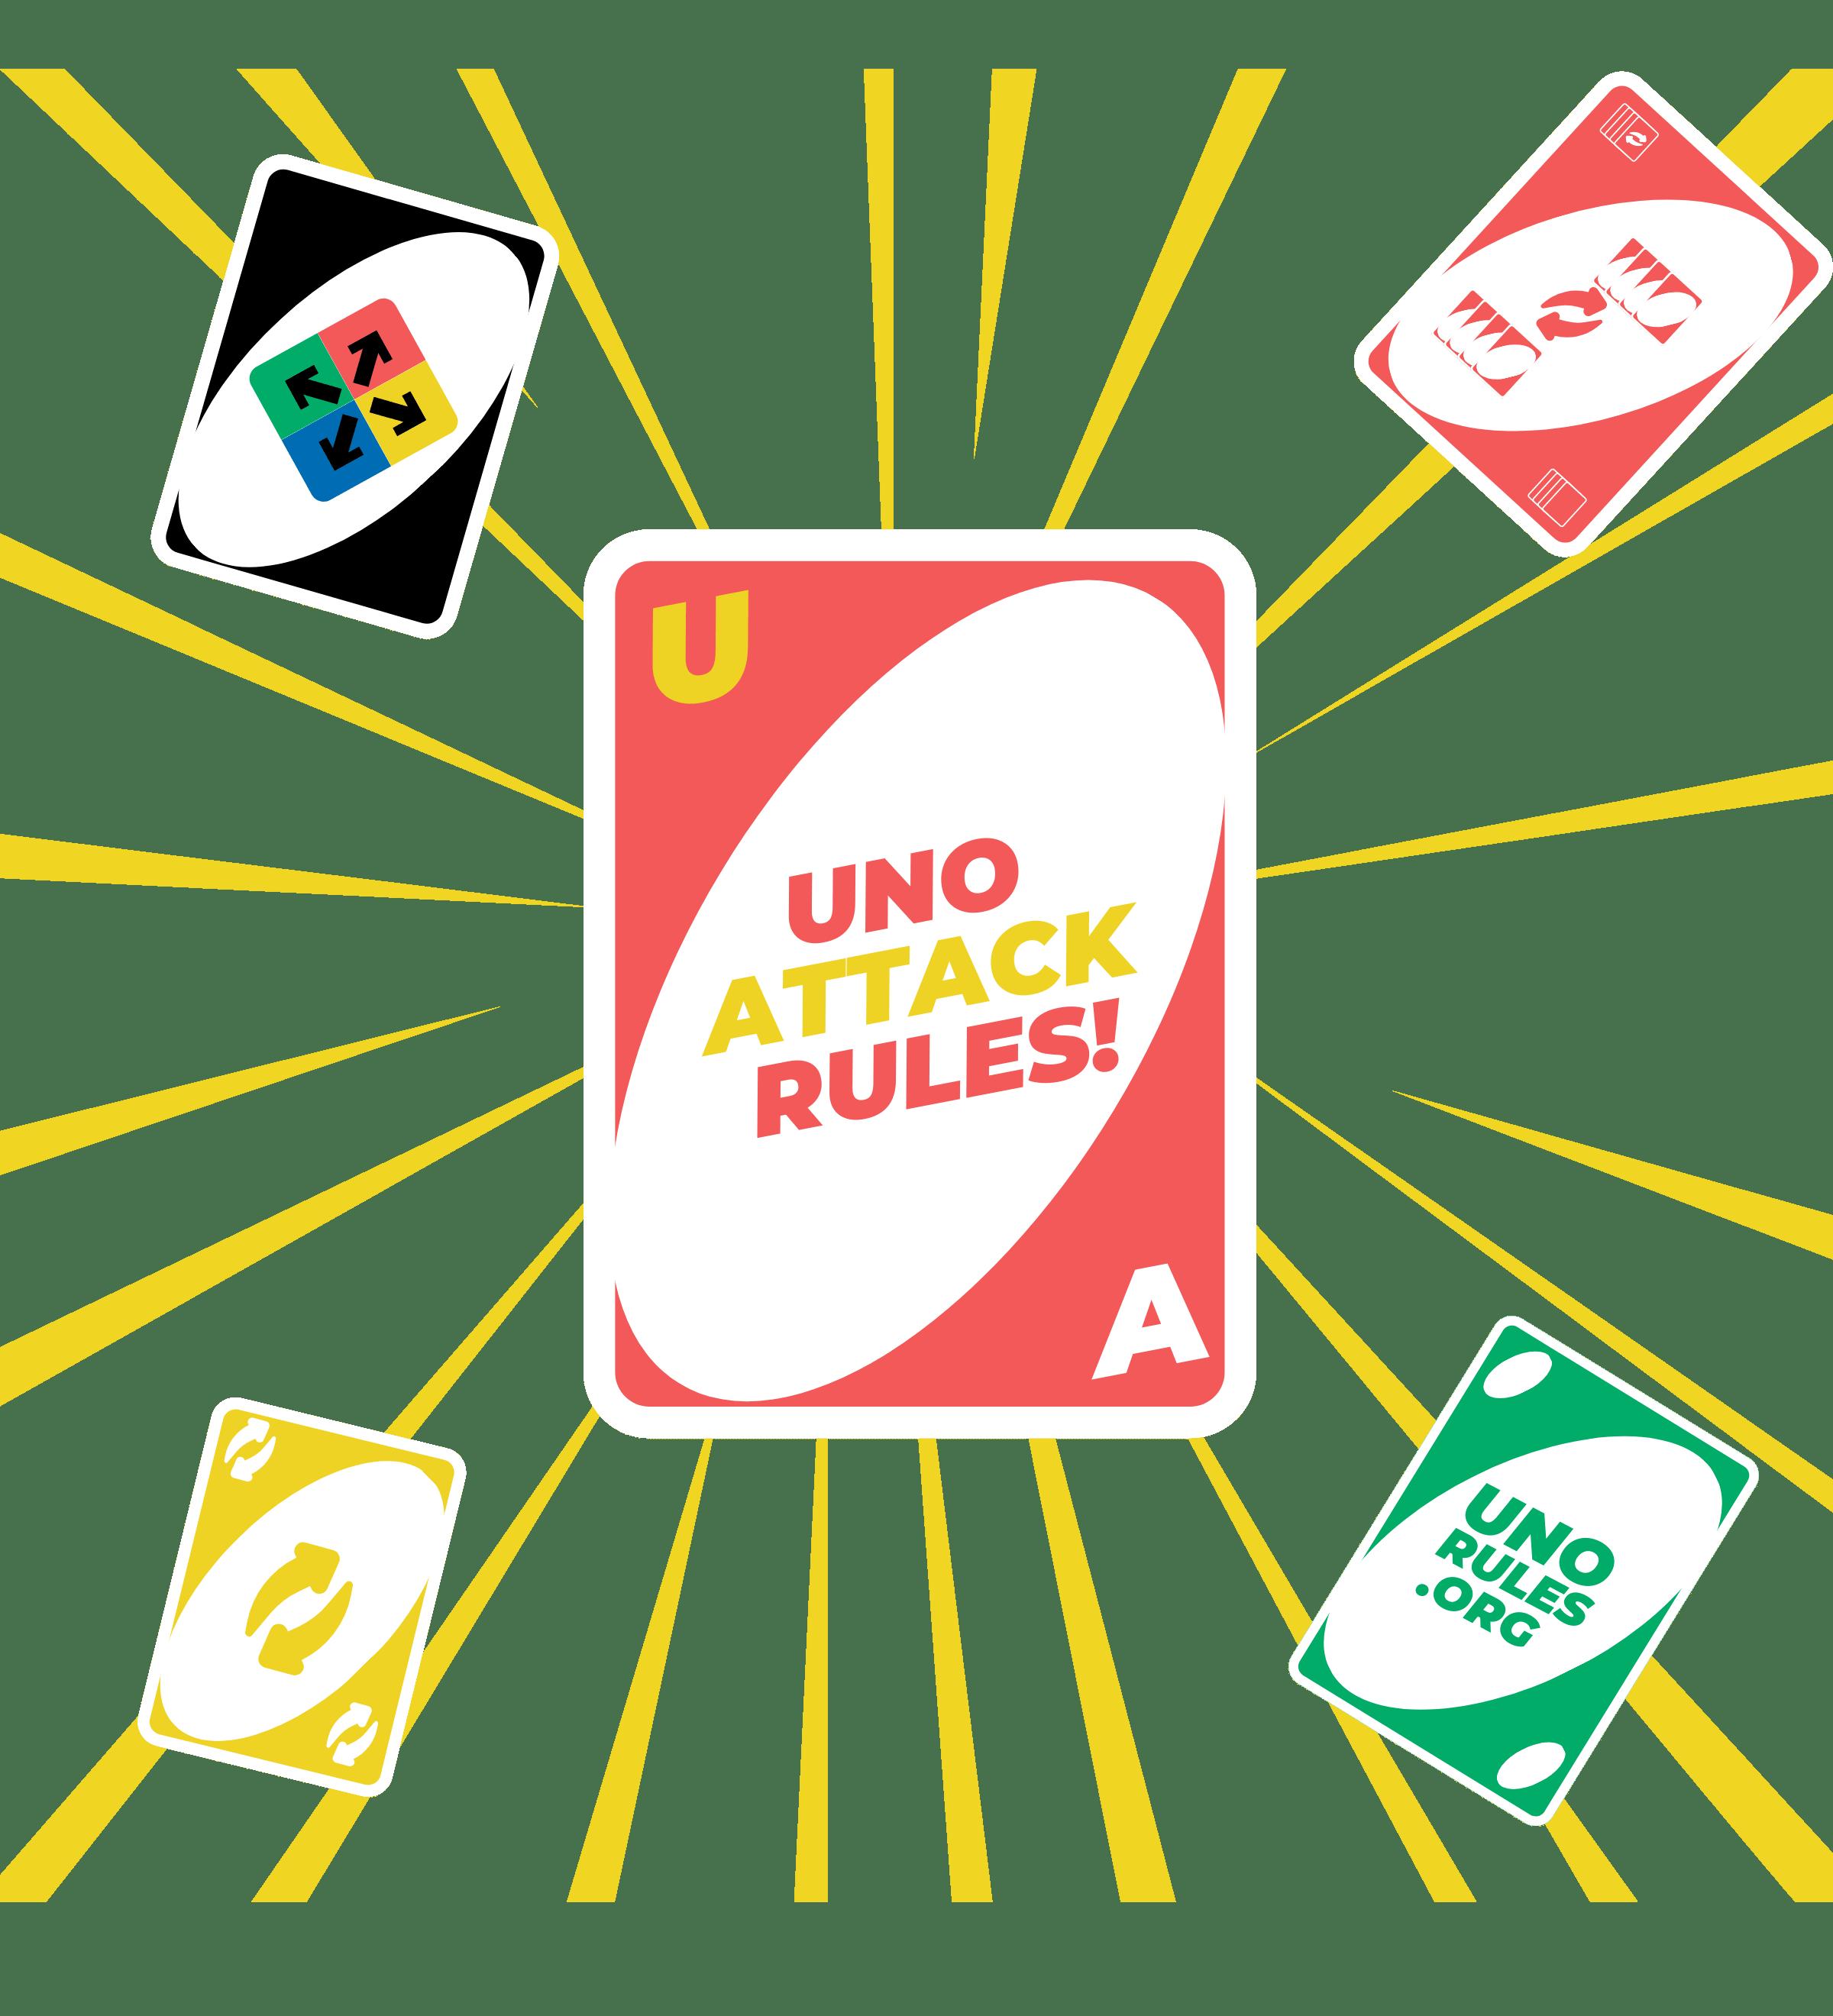 Uno Attack Rules - Unorules.org